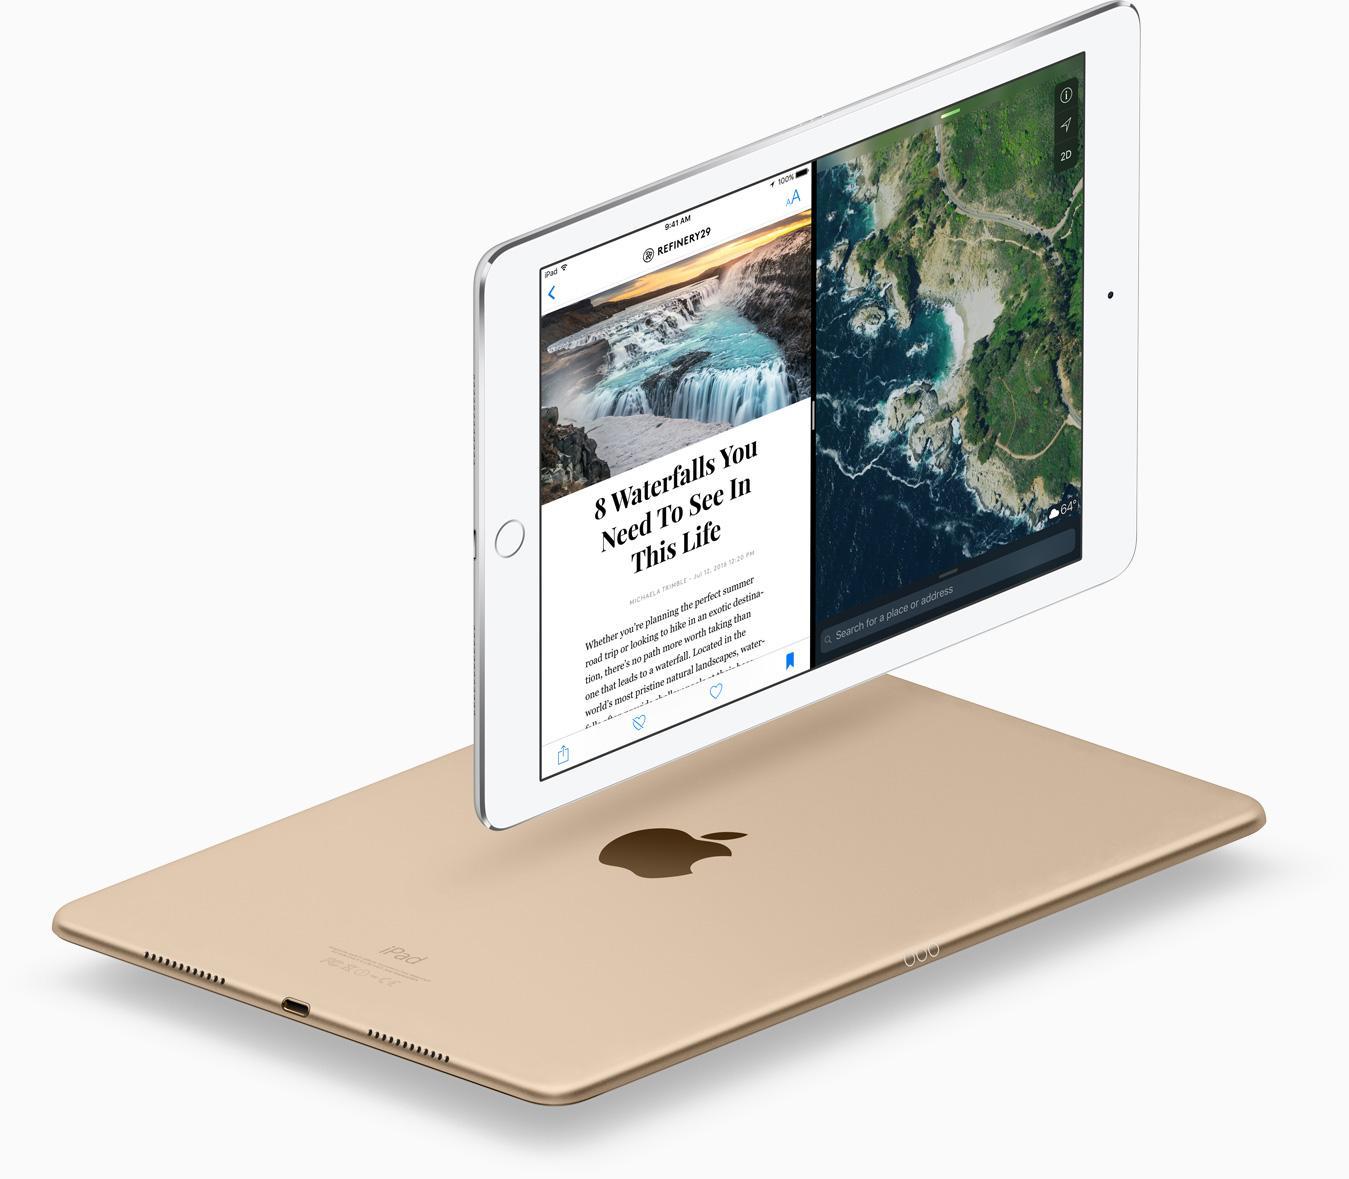 """Apple iPad Pro - Tablet (WiFi, 12.9"""", 128GB, A9X + M9"""